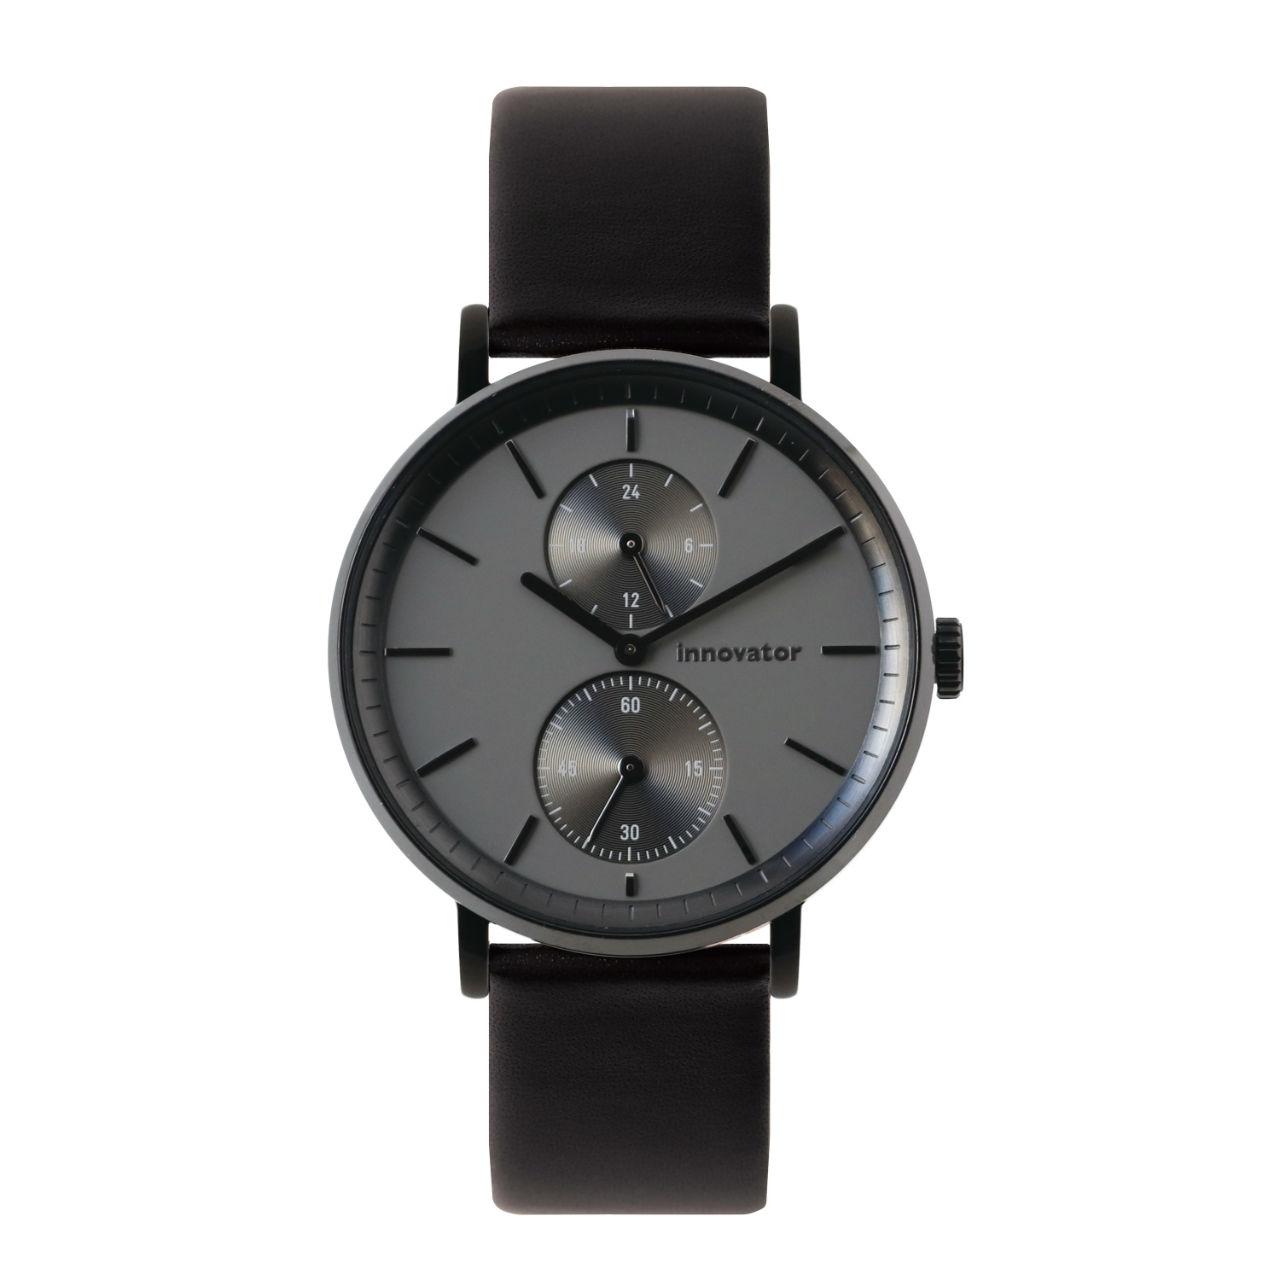 サムネイル:腕時計 オーリカ ブラック(innovator / イノベーター)